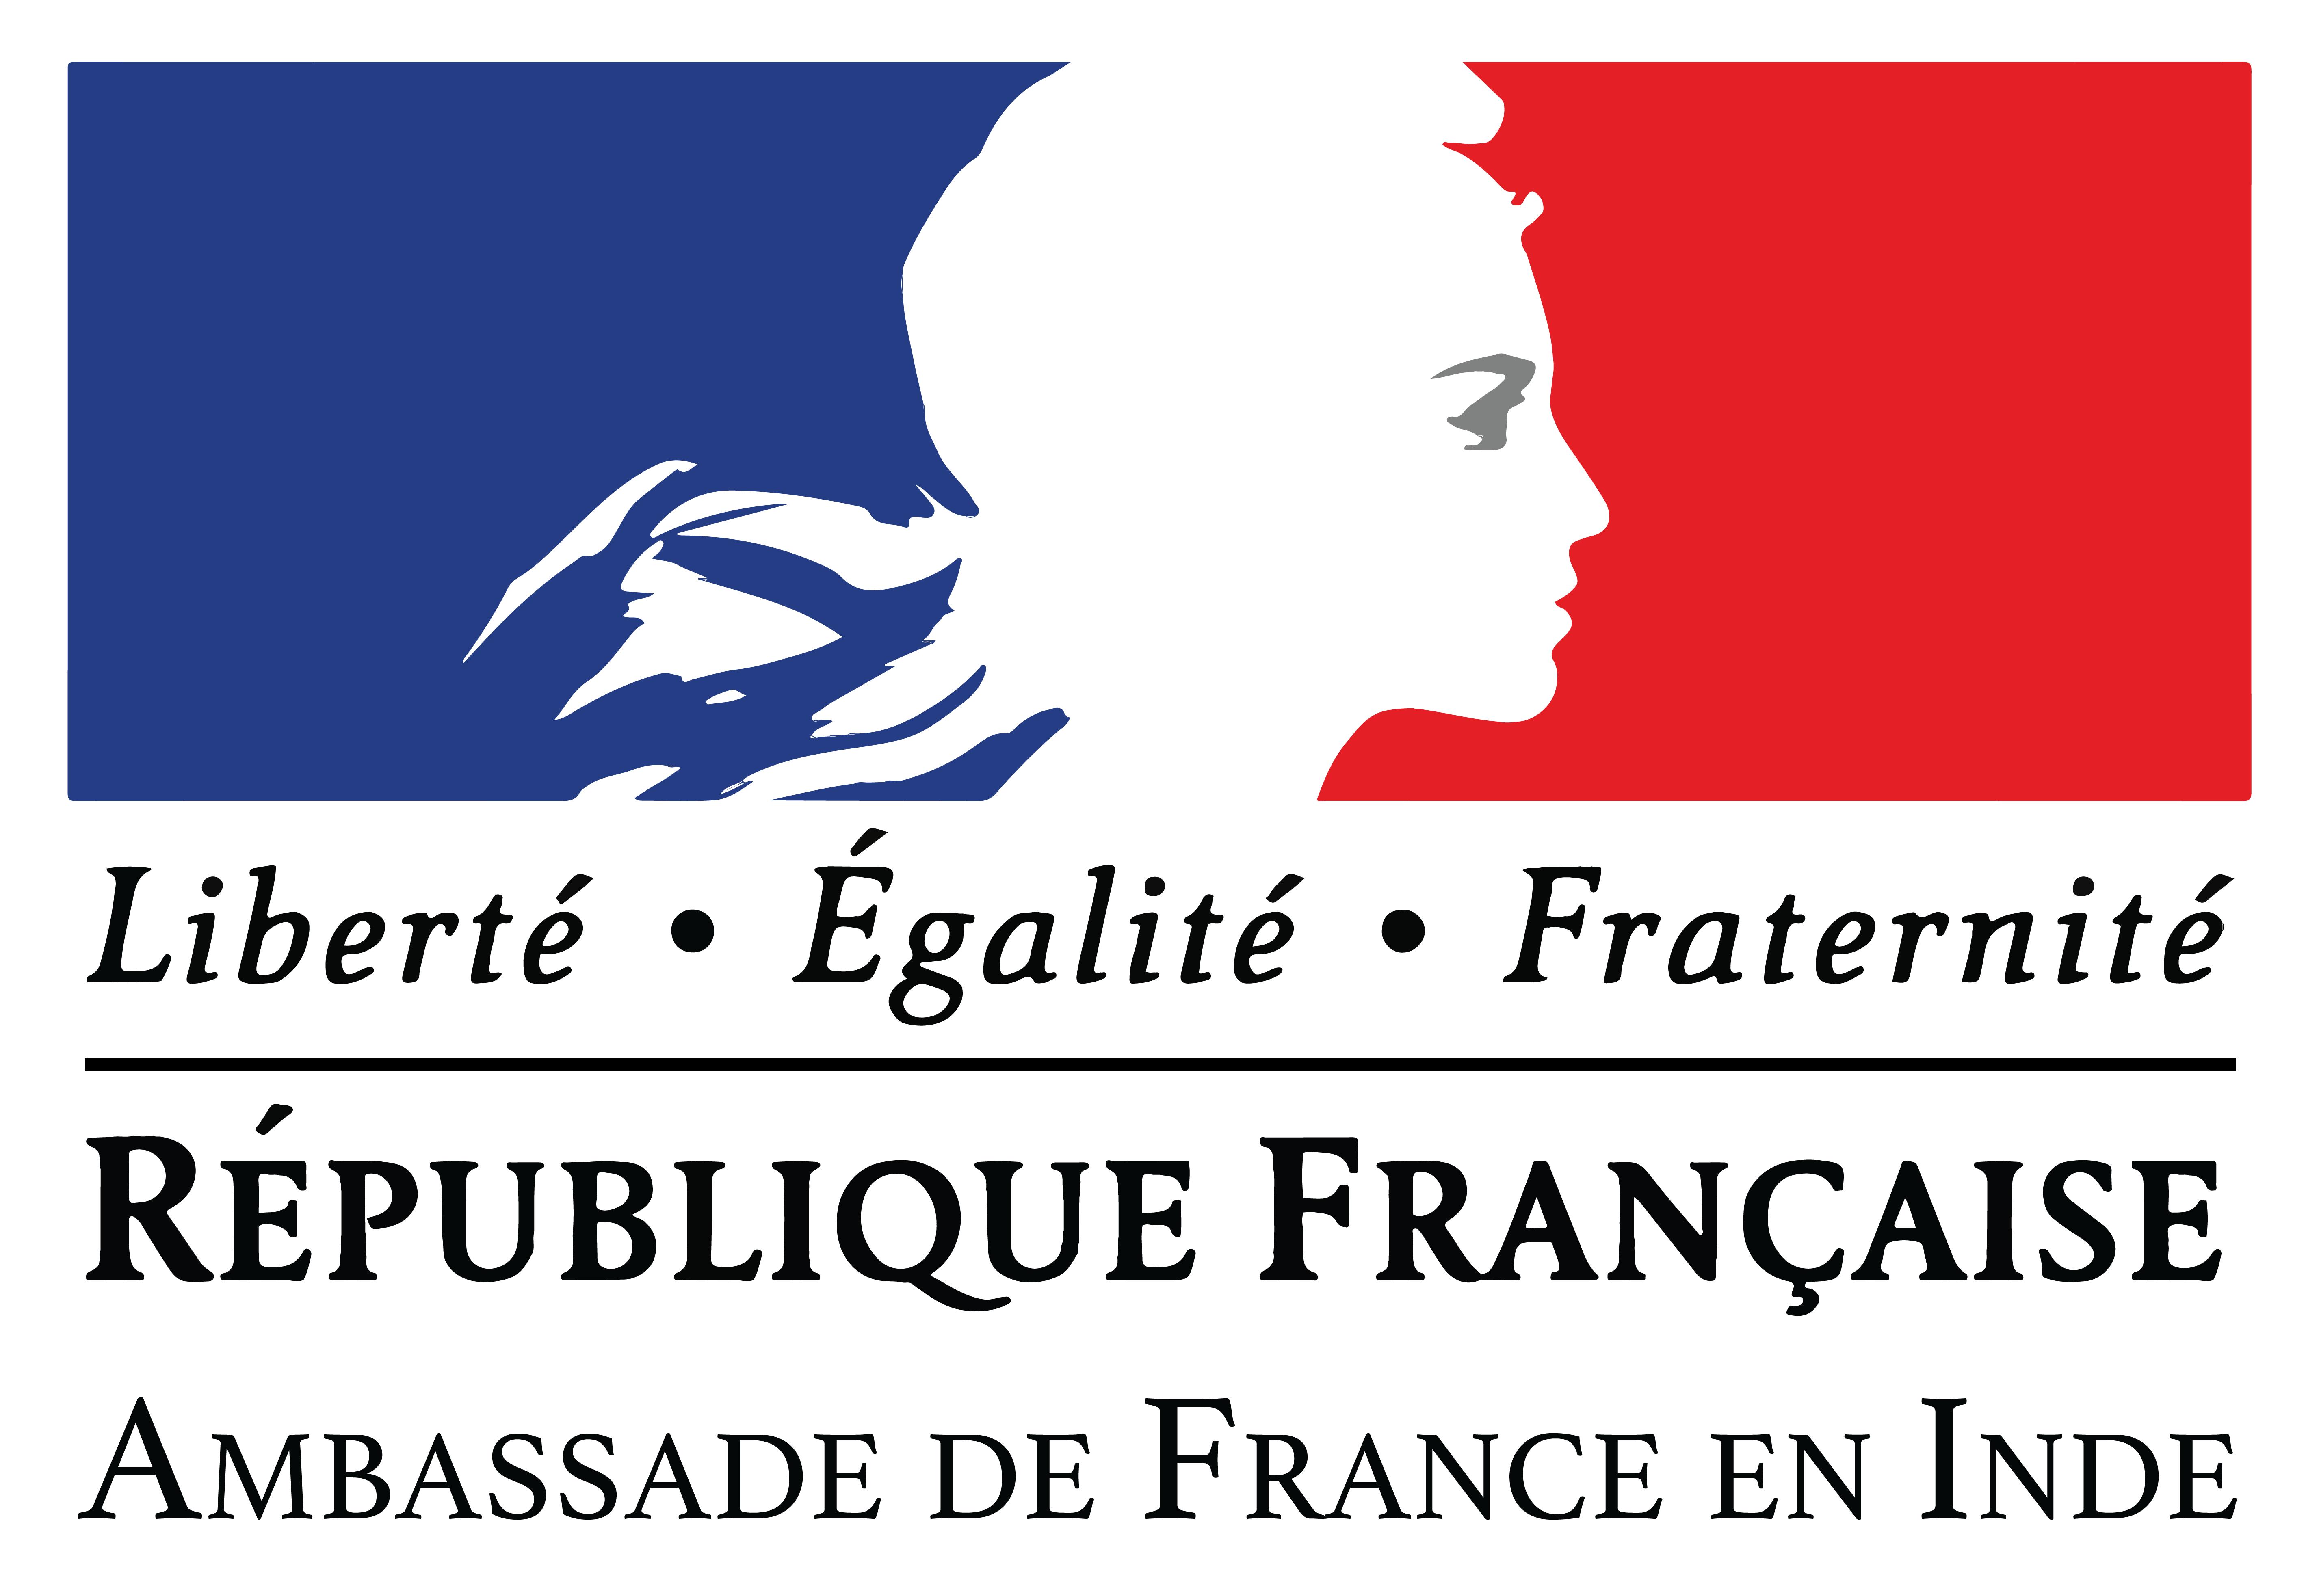 Amb Logo INDE